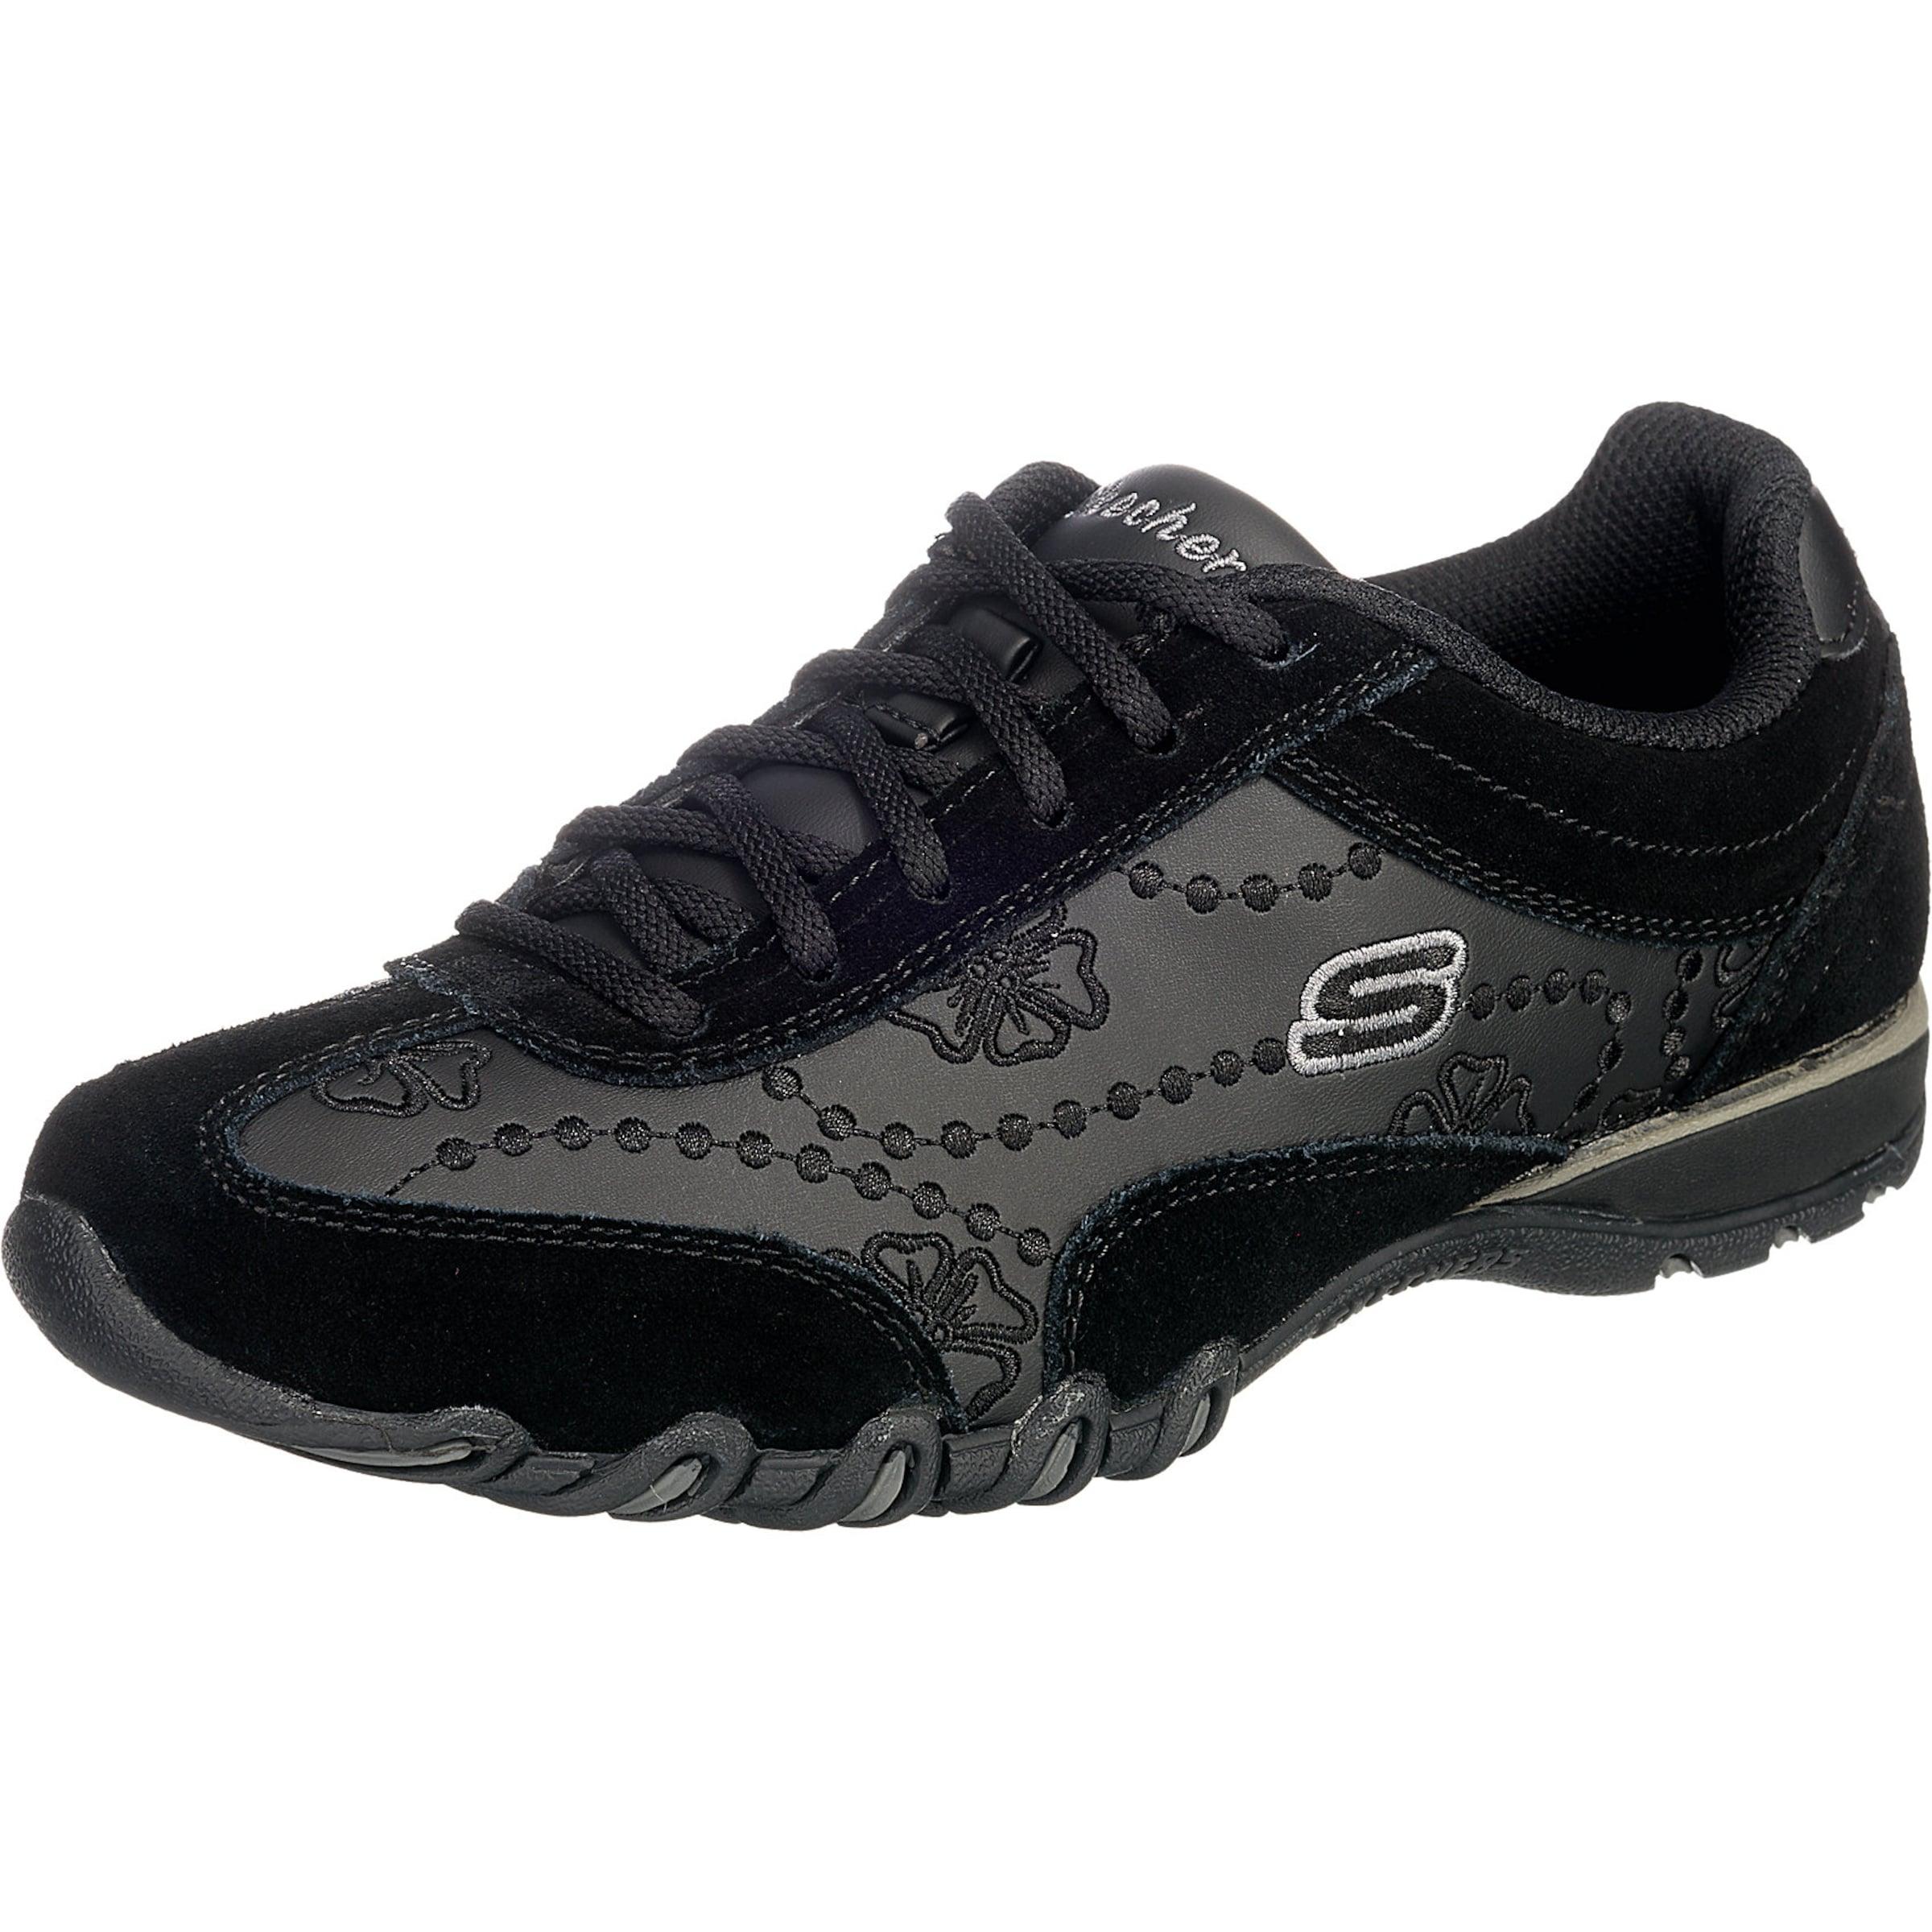 SKECHERS Sneakers Speedsters Verschleißfeste billige Schuhe